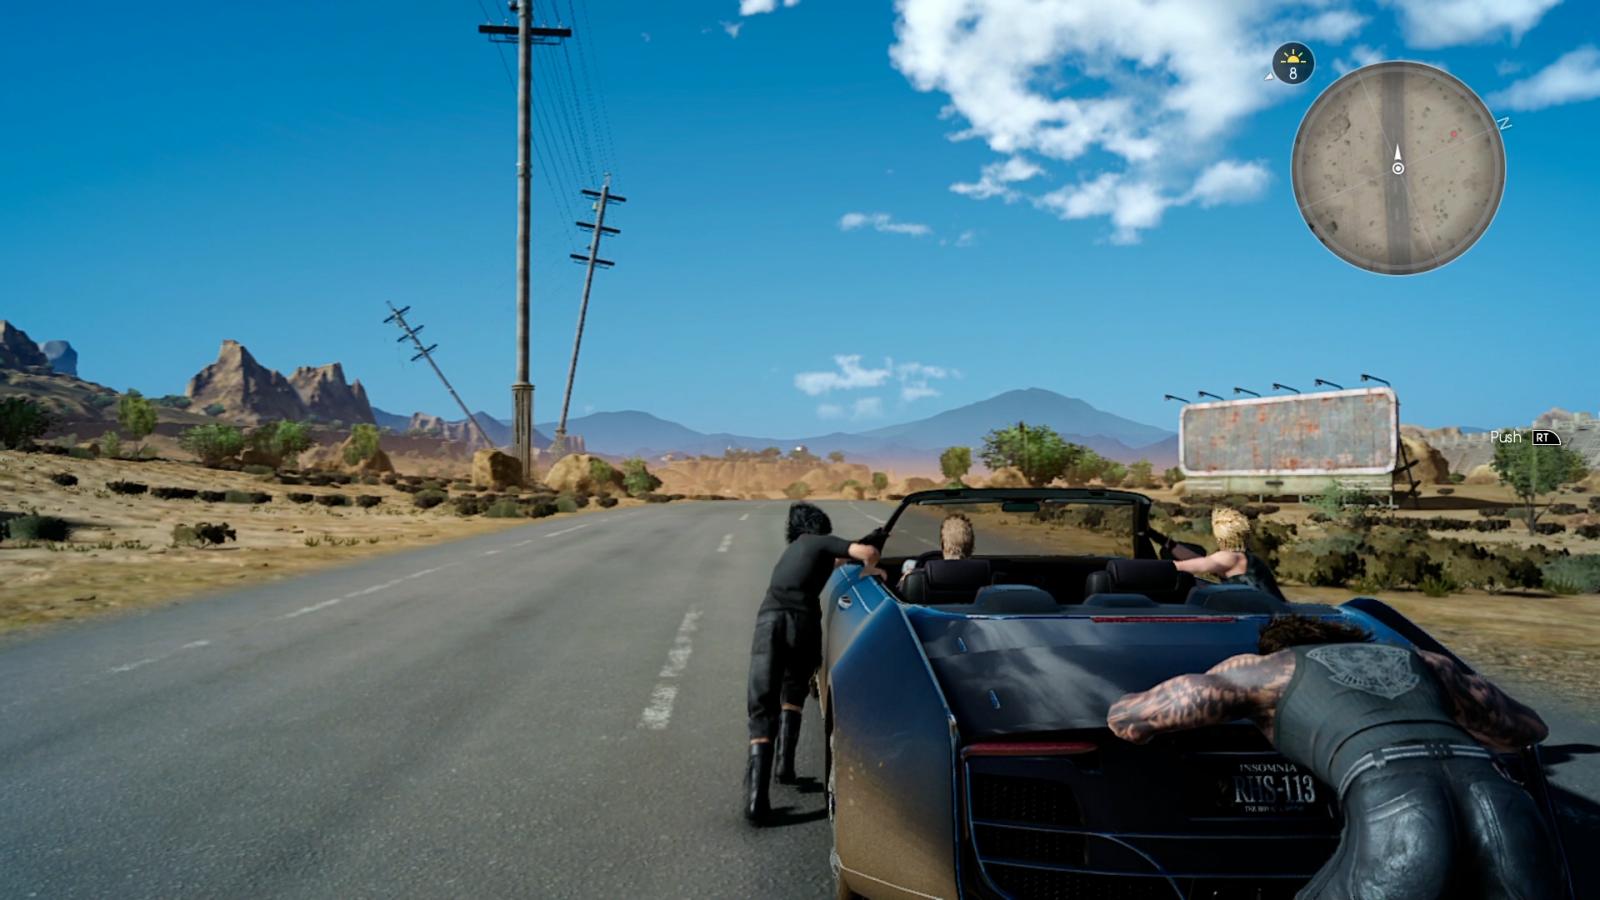 Final Fantasy 15 pushing car